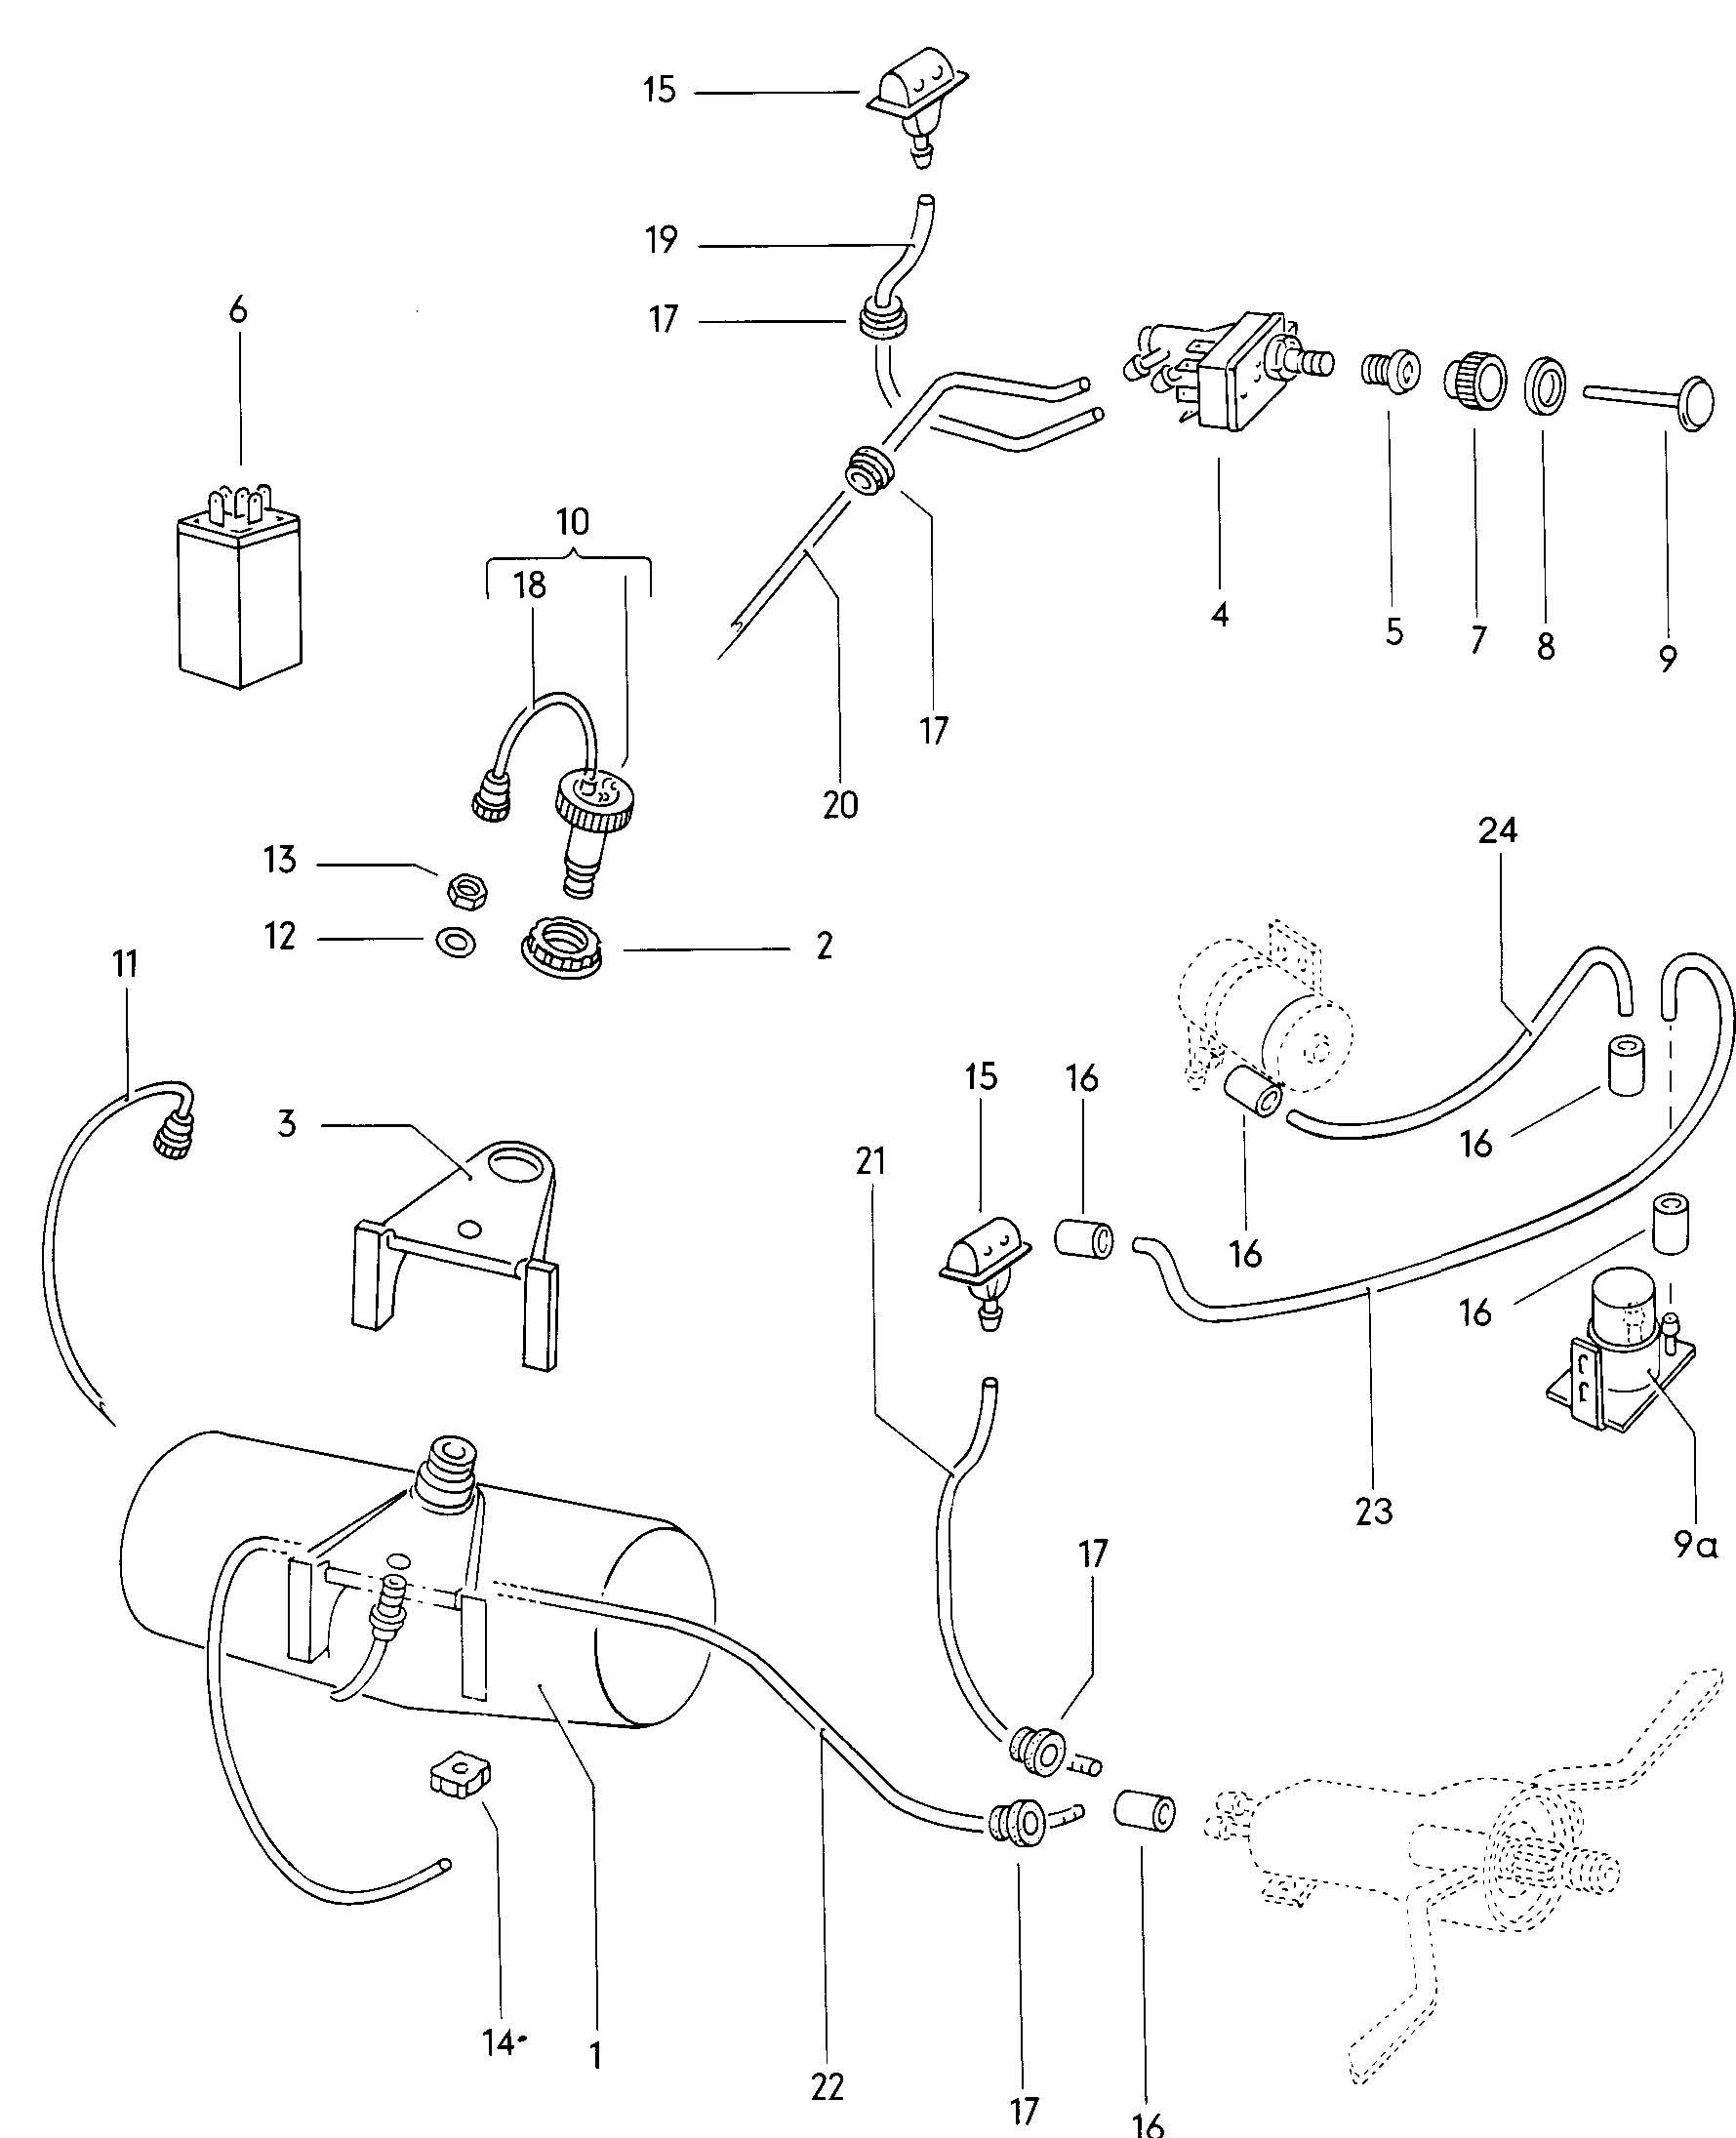 Volkswagen (VW) Type 3 Windshield washer unit